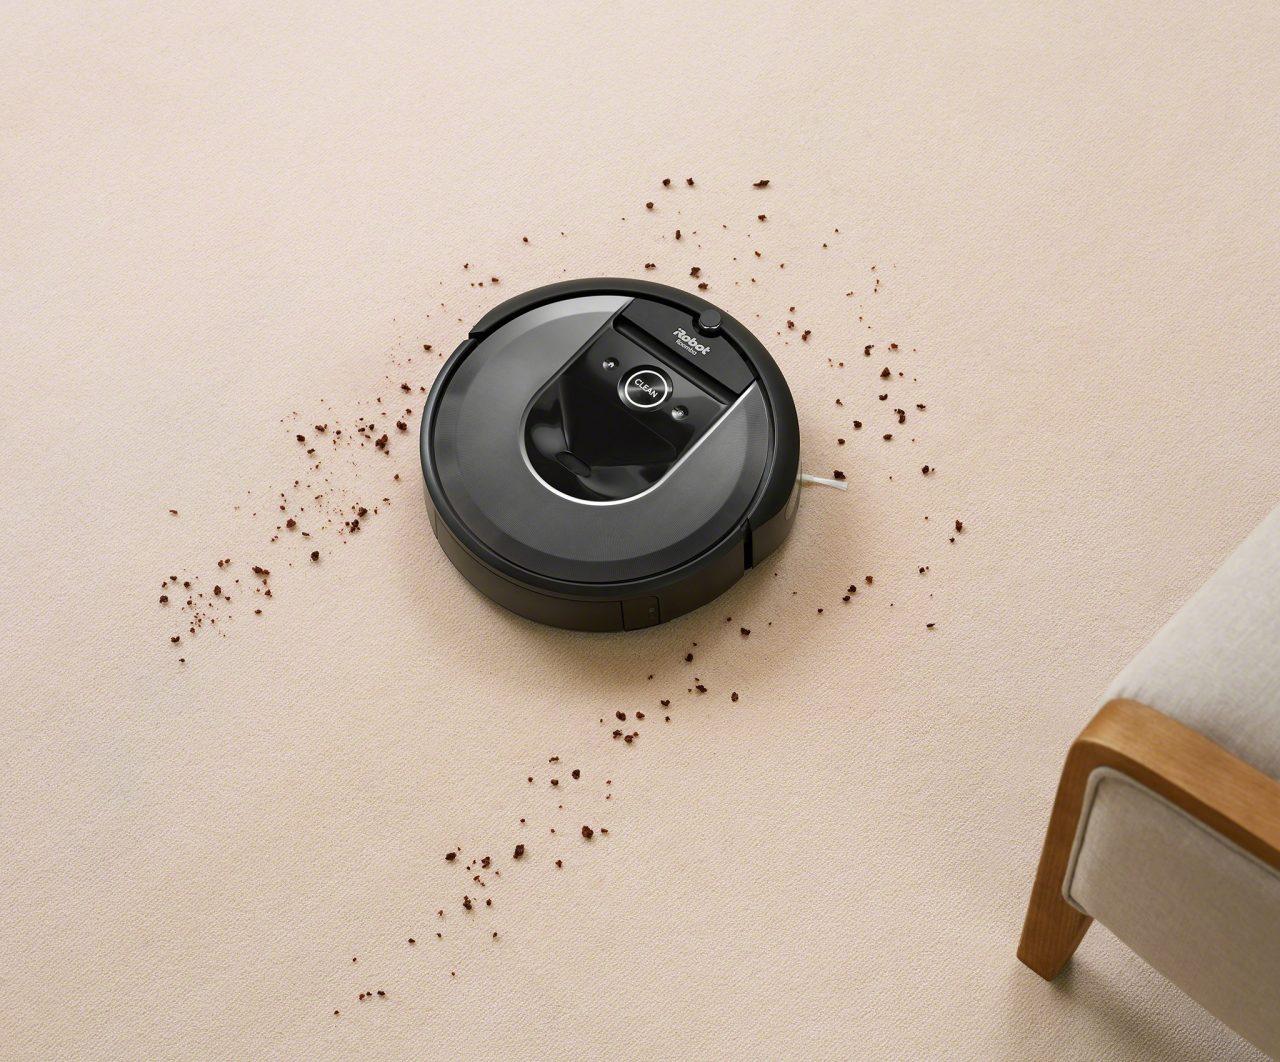 iRobot Roomba i7+ è un aspirapolvere molto smart: pulisce a fondo e si svuota da solo